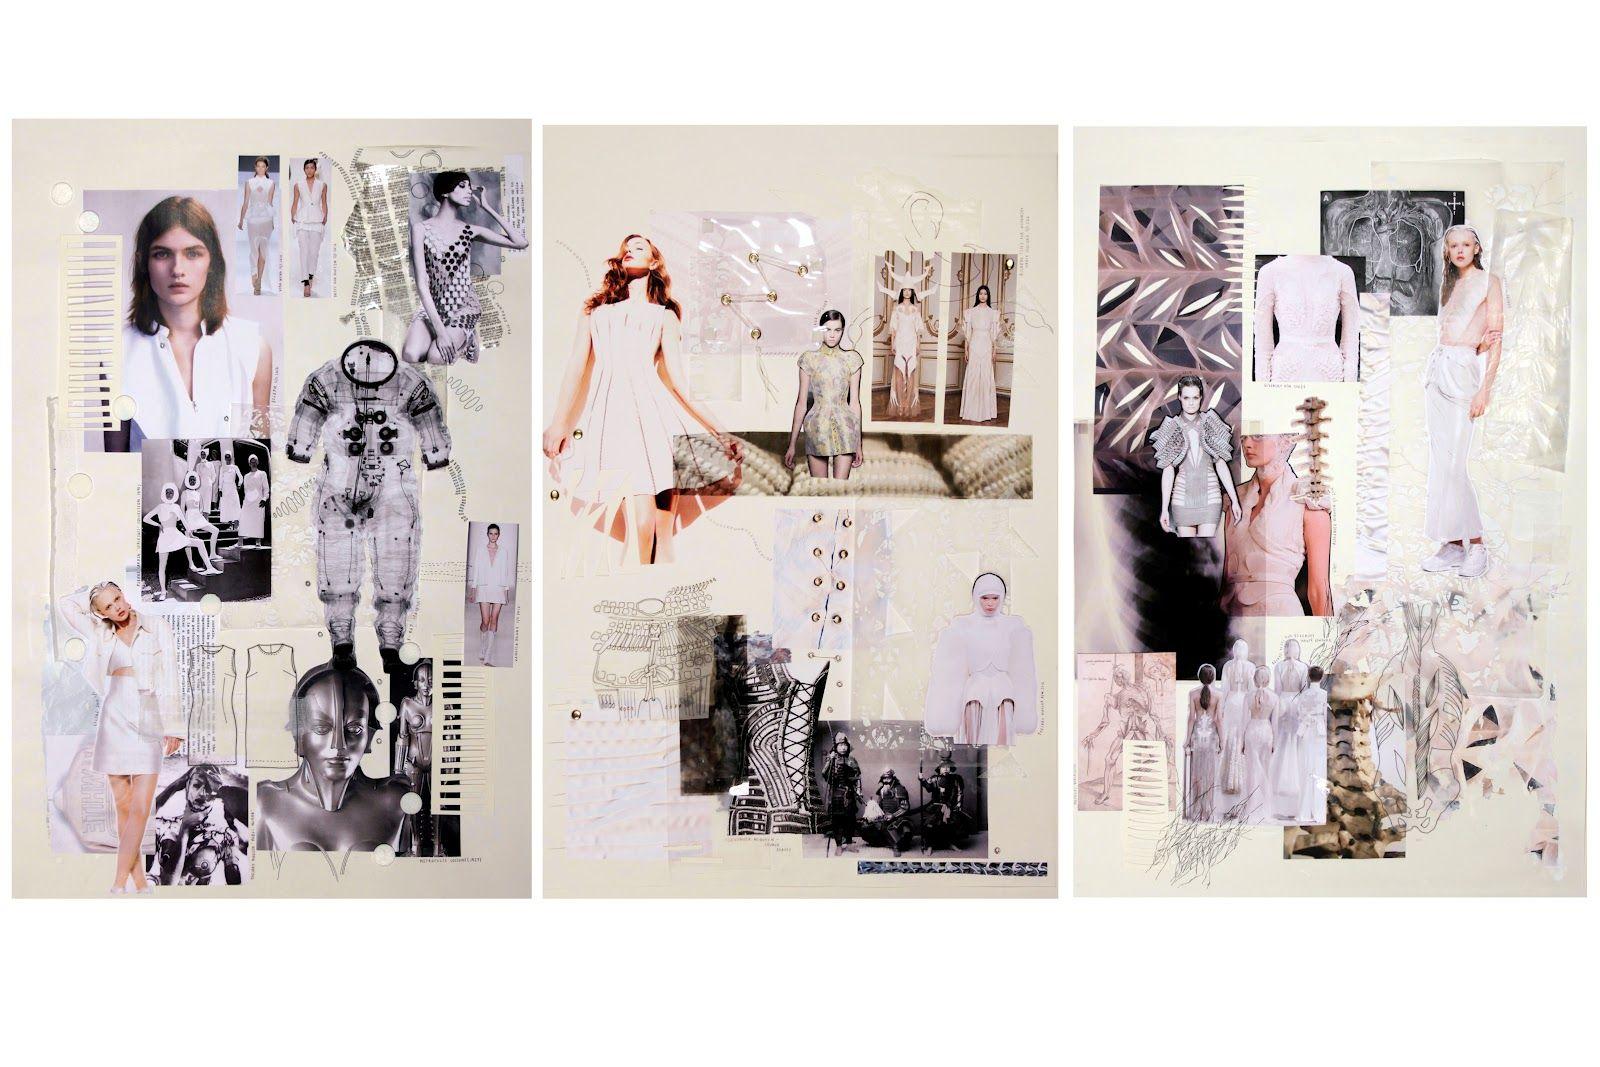 Fashion Sketchbook Fashion Design Development Visual Research Design Progression Fashion Illustration Collage Fashion Sketchbook Fashion Design Portfolio